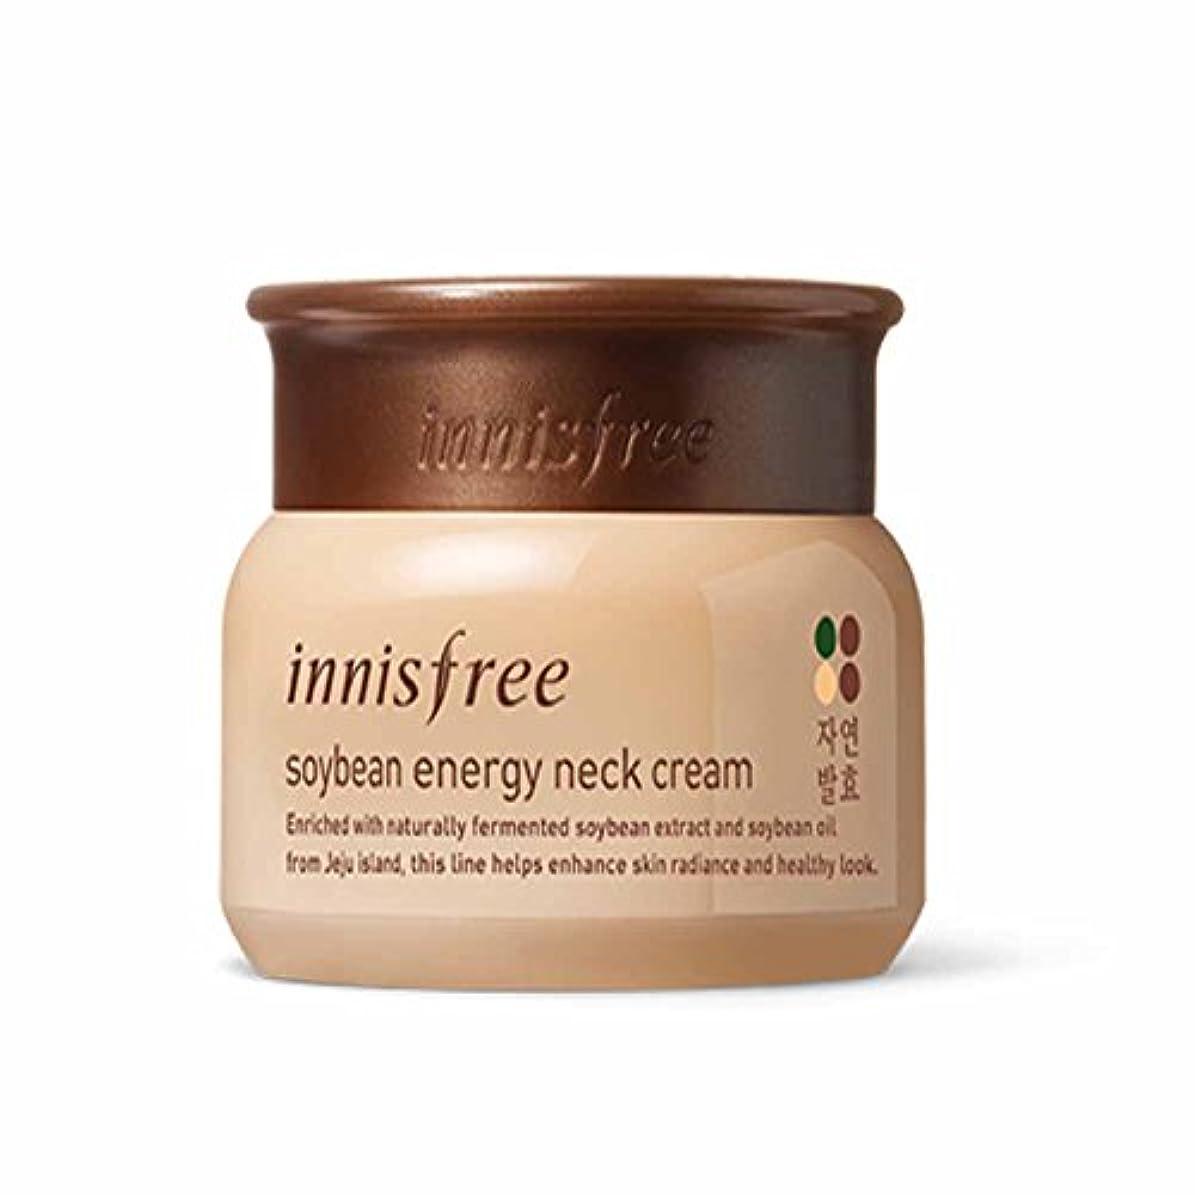 会議格納そばにイニスフリーソーイングエナジーネッククリーム80ml / Innisfree Soybean Energy Neck Cream 80ml[海外直送品] [並行輸入品]